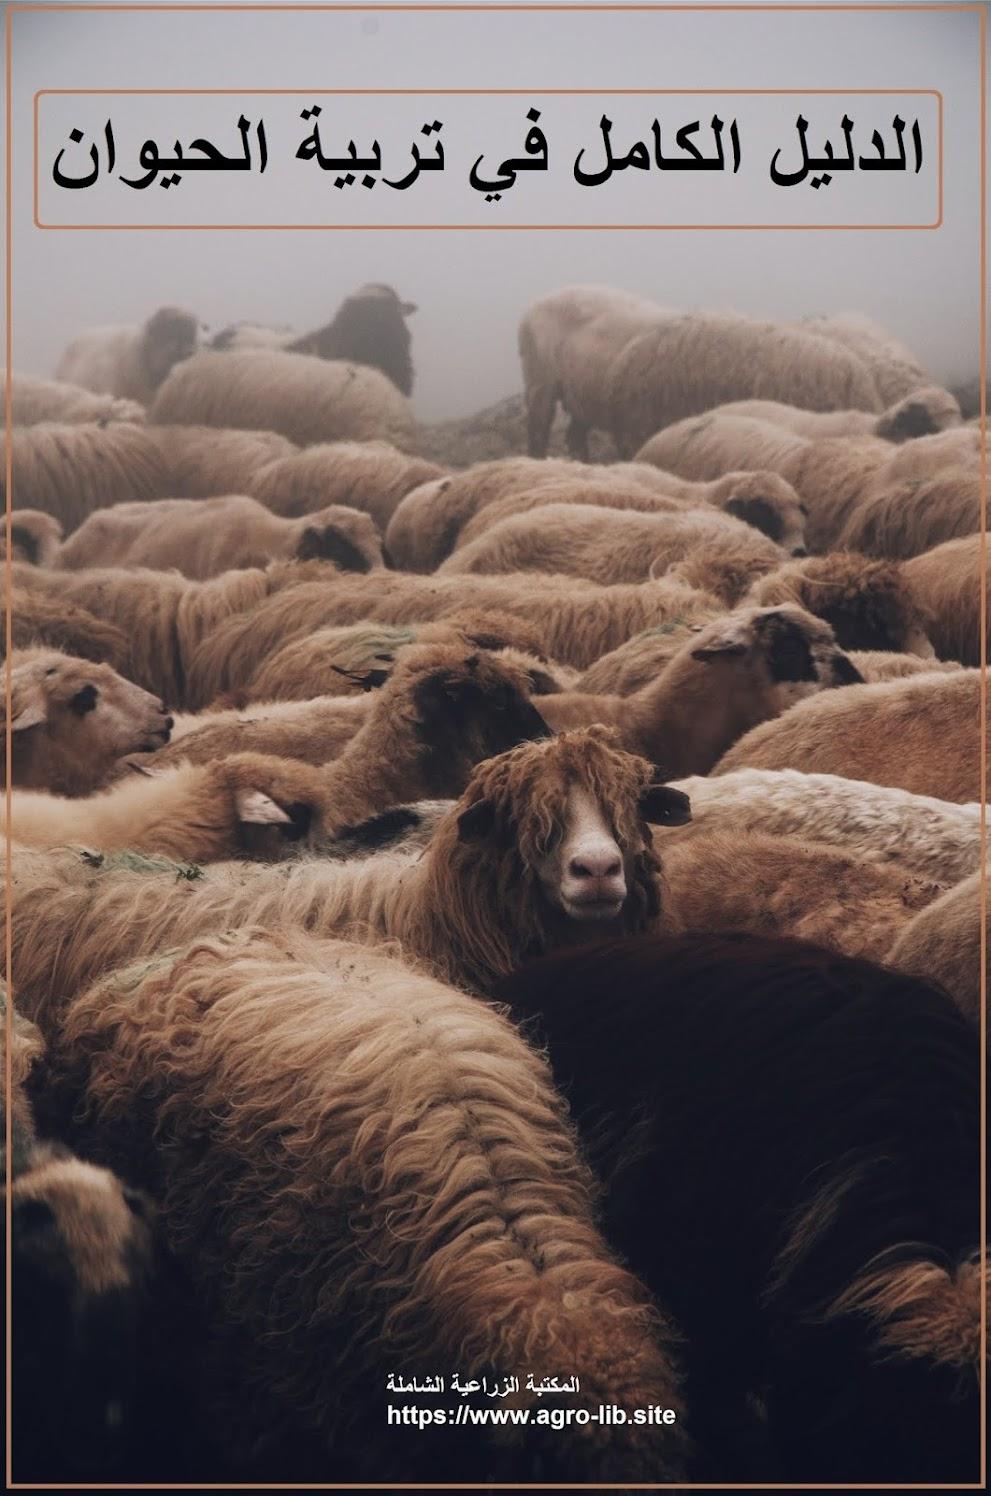 كتاب : الدليل الكامل في تربية الحيوان